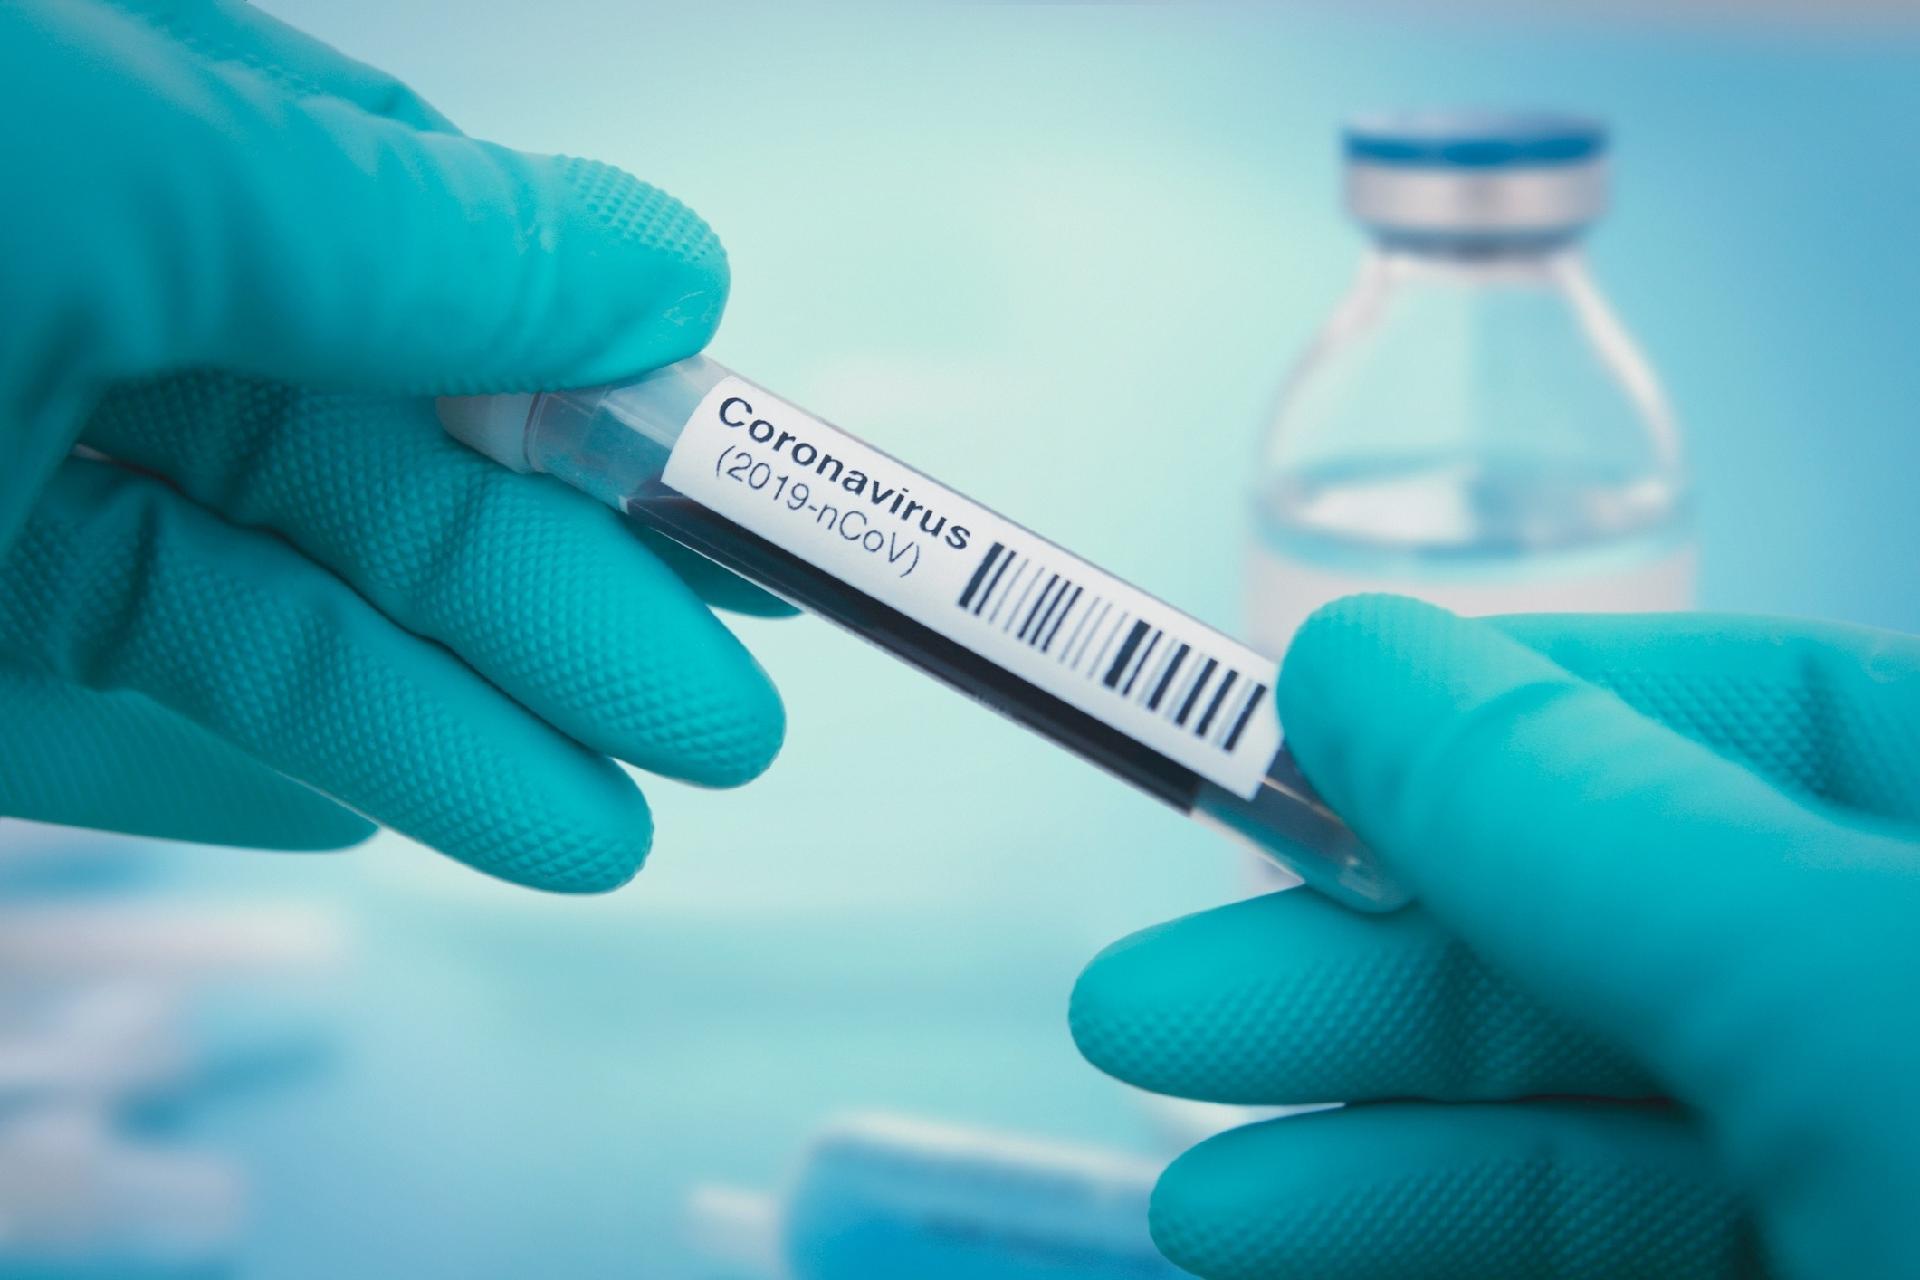 Coronavírus: como funcionam os testes rápidos que detectam anticorpos? -  VivaBem - UOL VivaBem